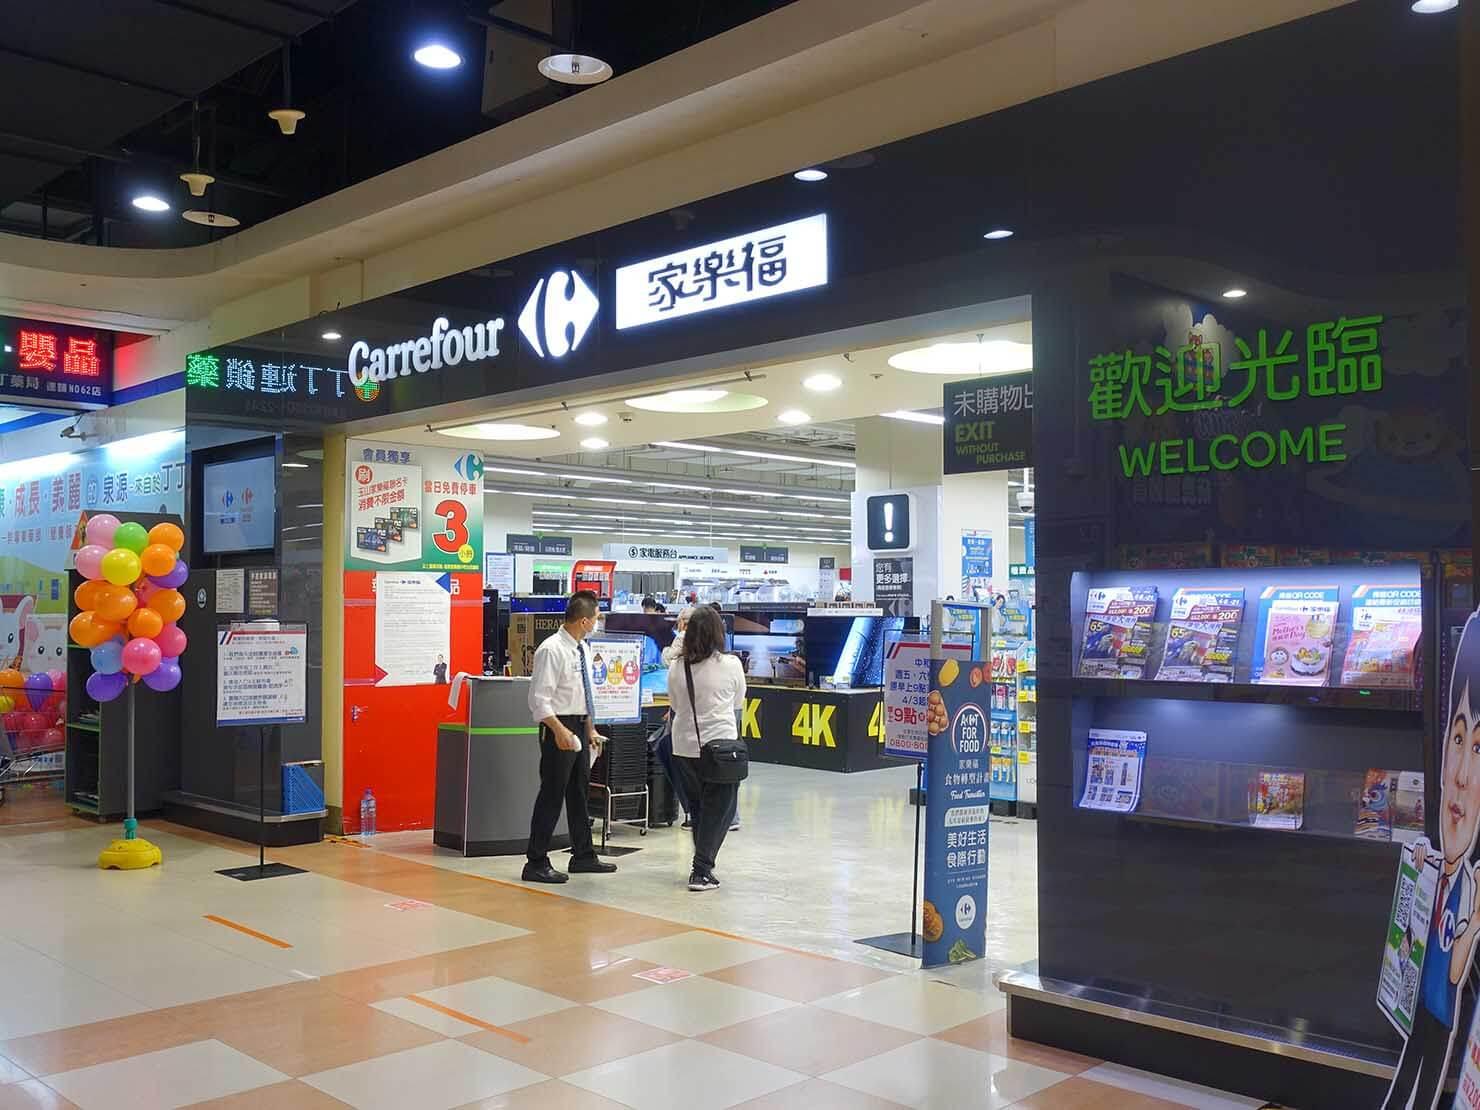 台北で生活家電を揃えたい時のおすすめ店「家樂福 Carrefour」のエントランス